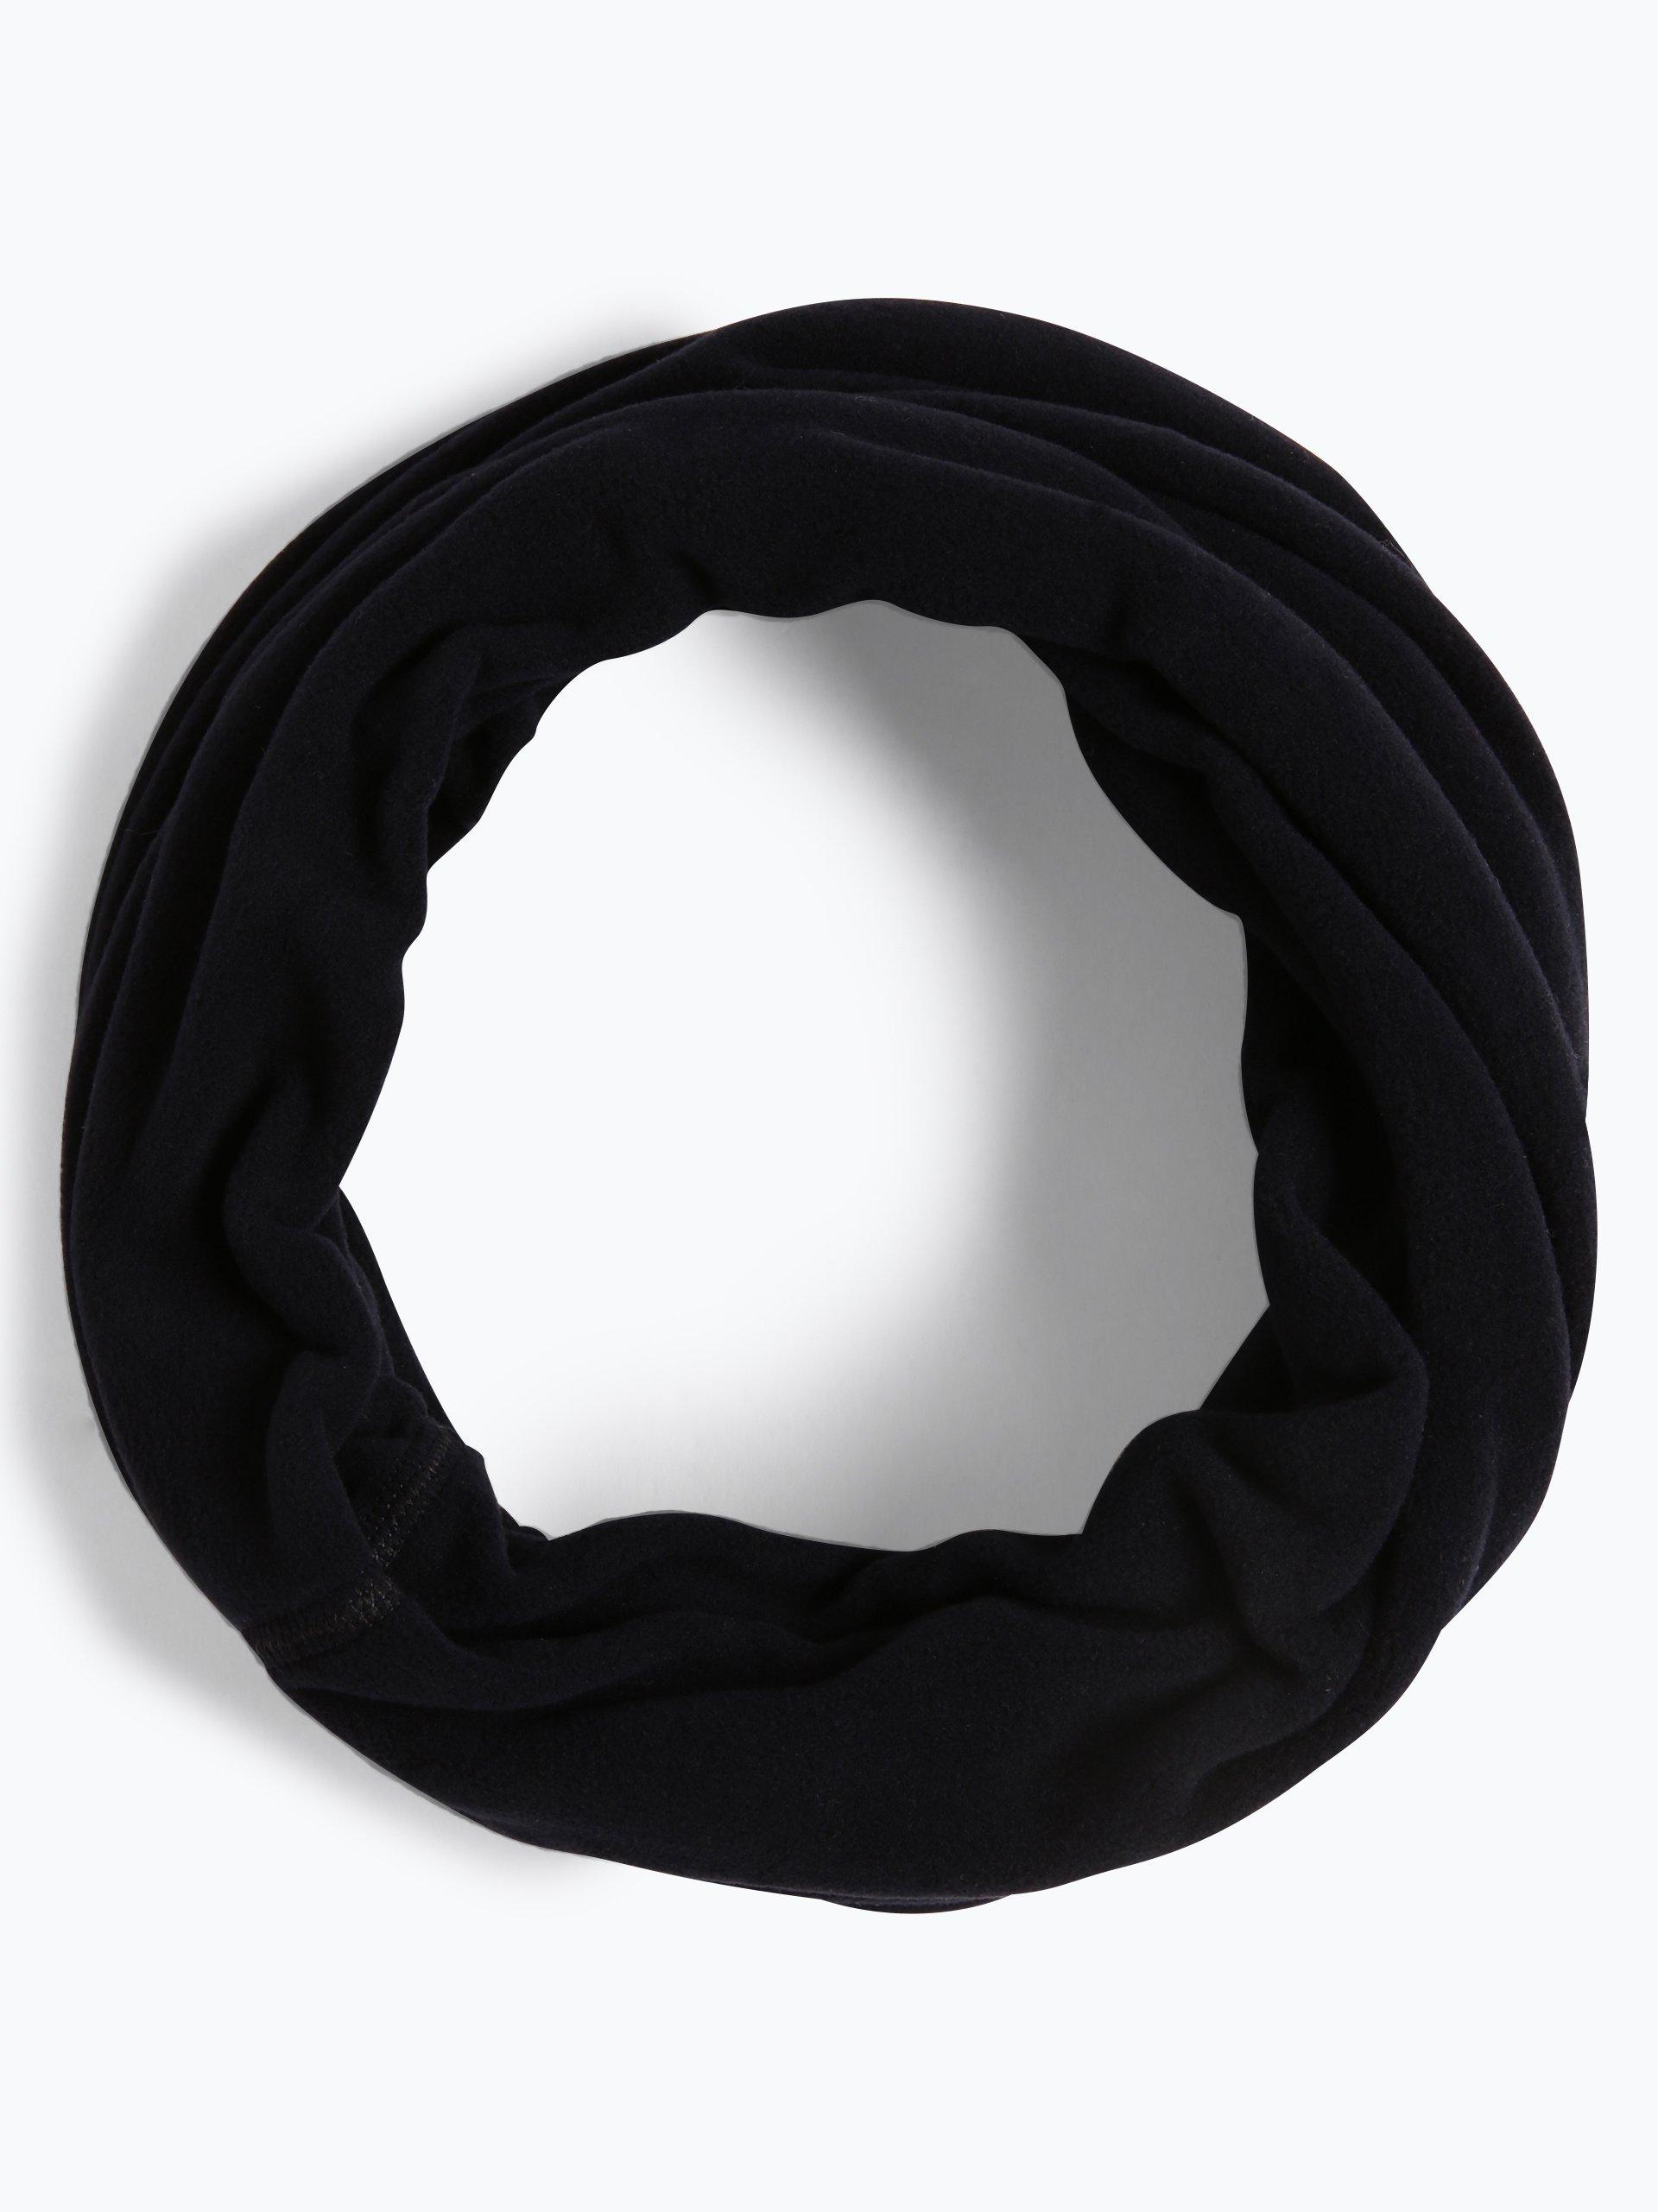 Maximo Jungen Tube-Schal - Olly